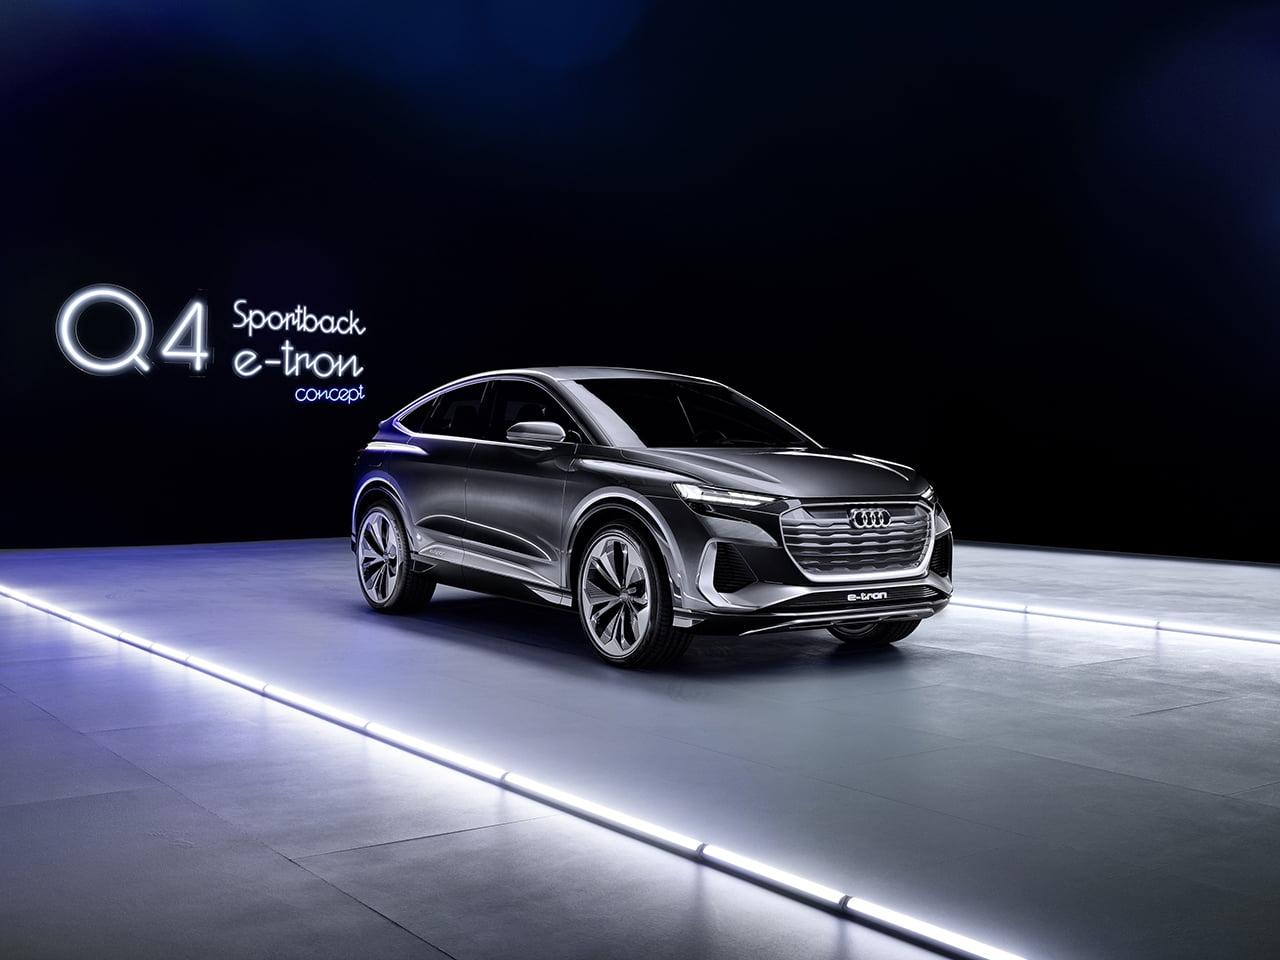 El Q4 Sportvback e-tron Concept es un SUV ágil en todos los terrenos